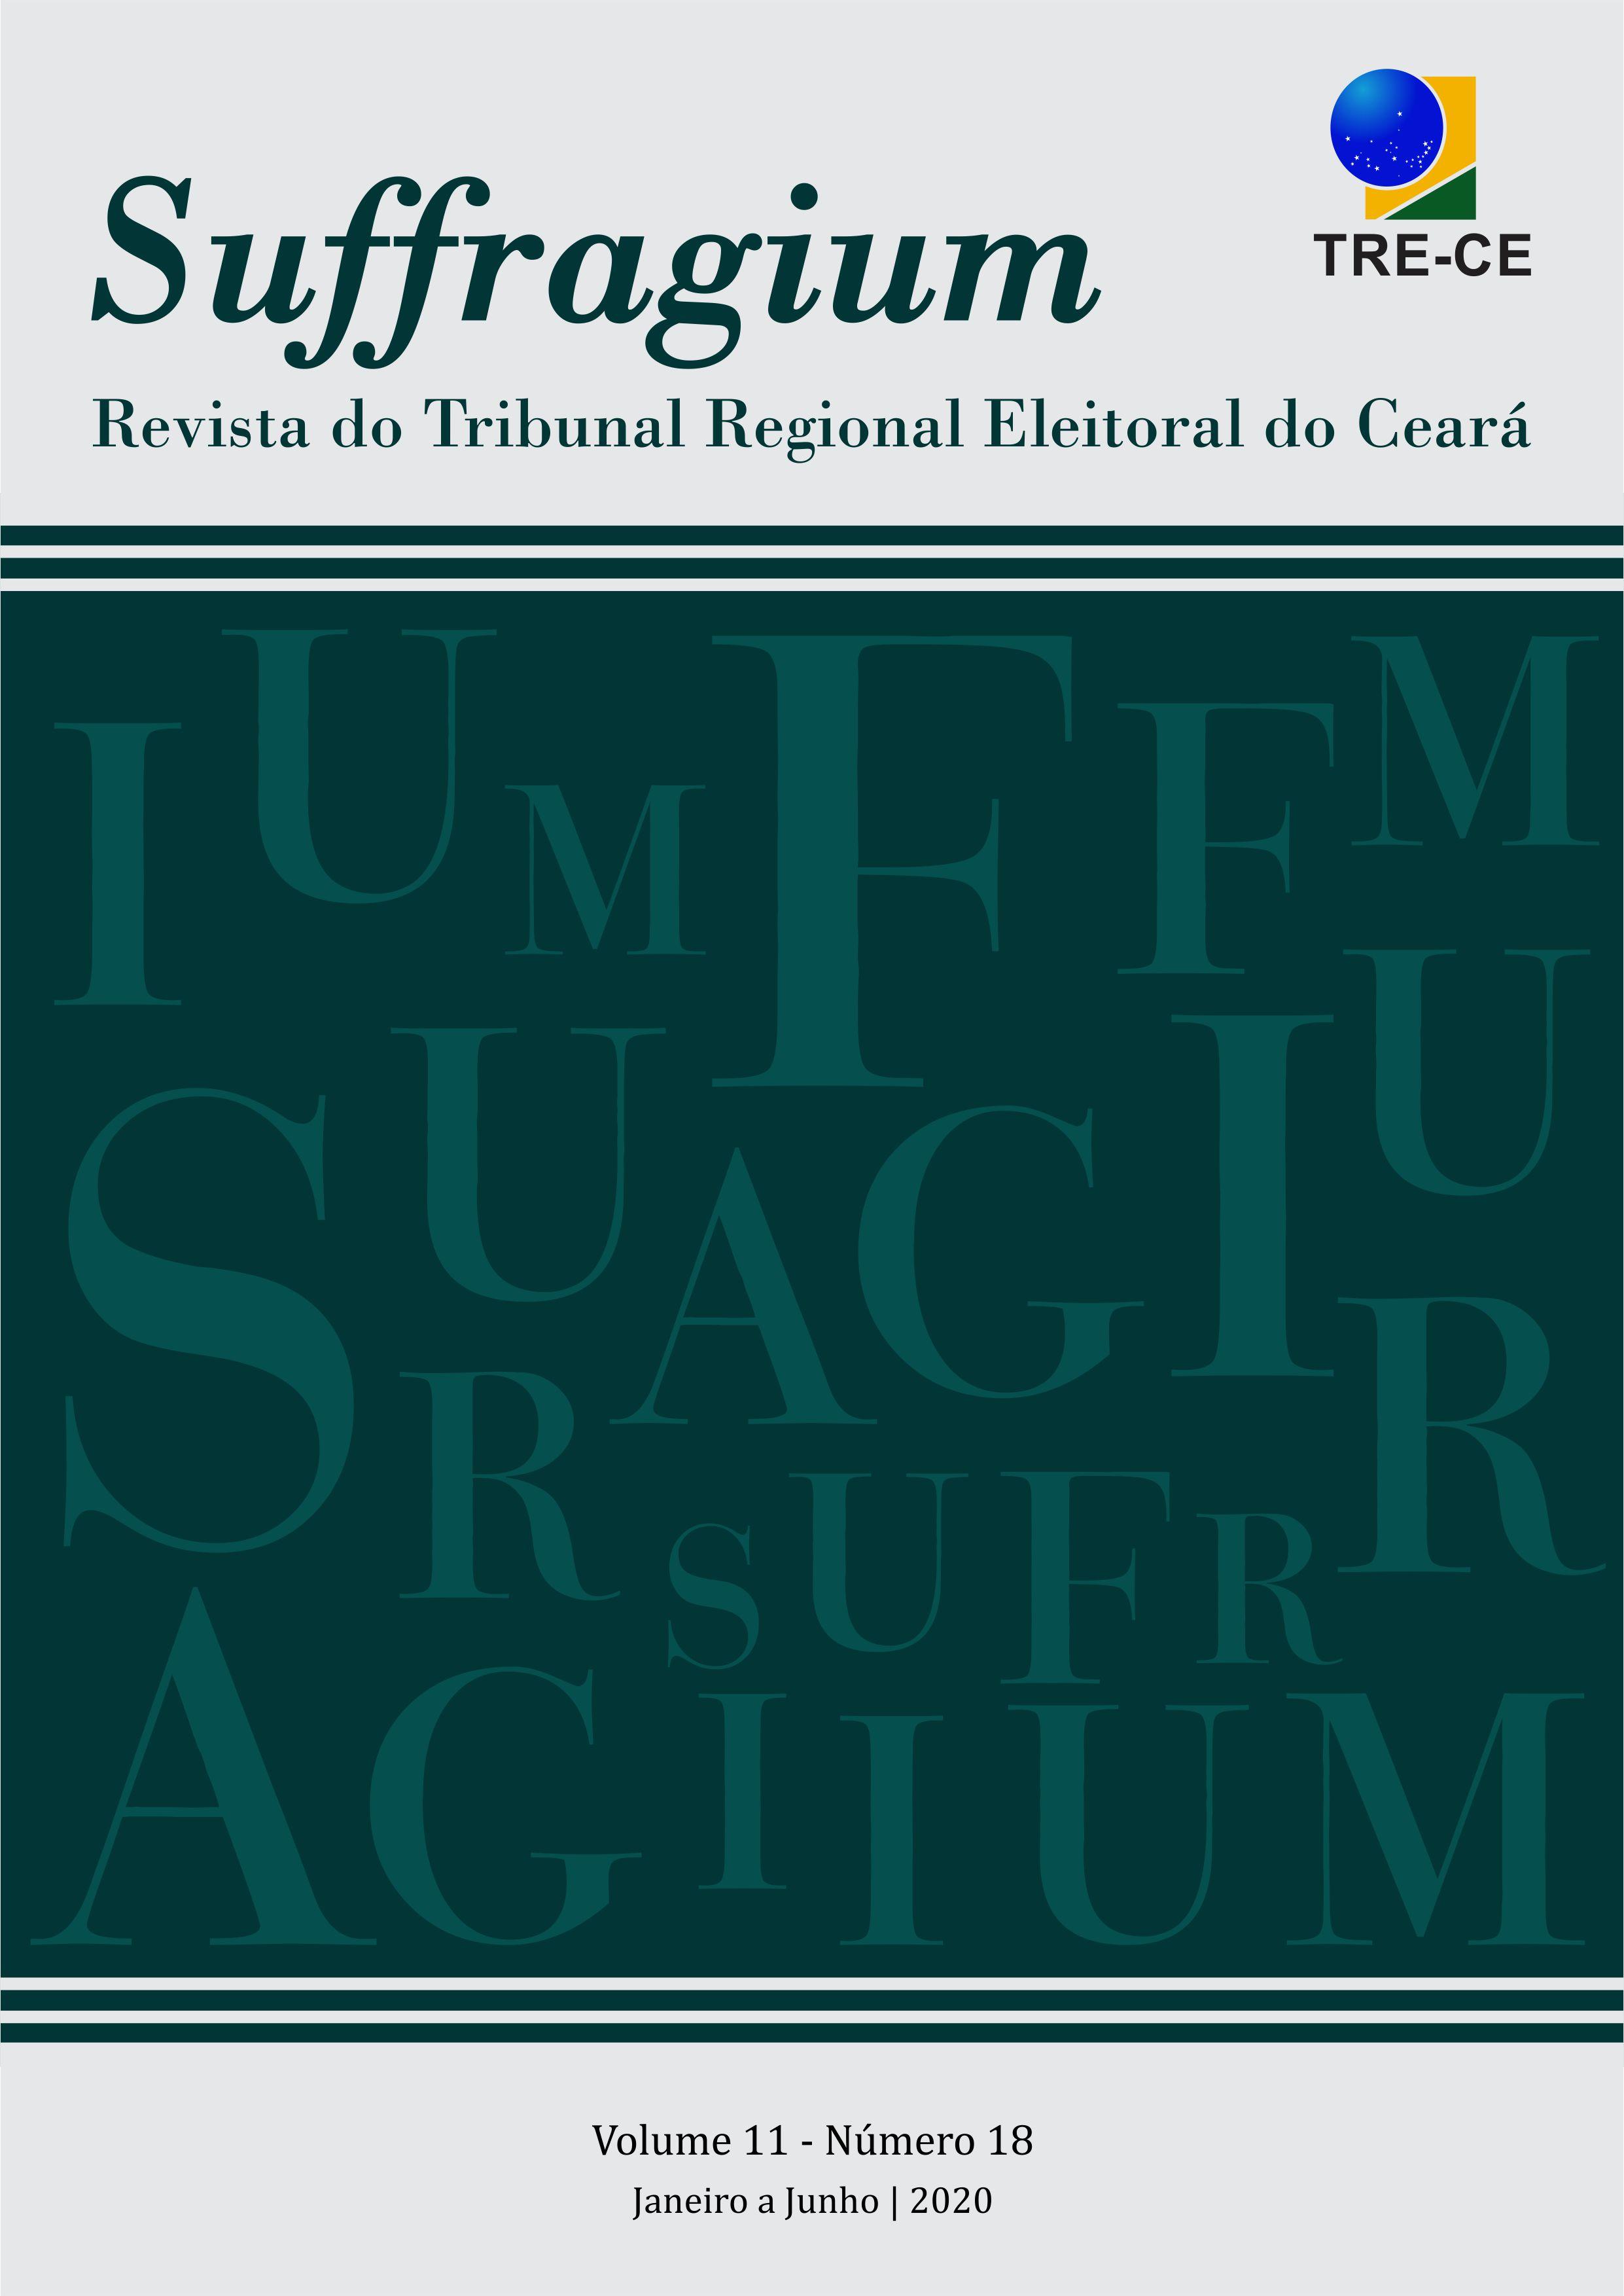 Visualizar v. 11 n. 18 (2020): Suffragium - Revista do Tribunal Regional Eleitoral do Ceará